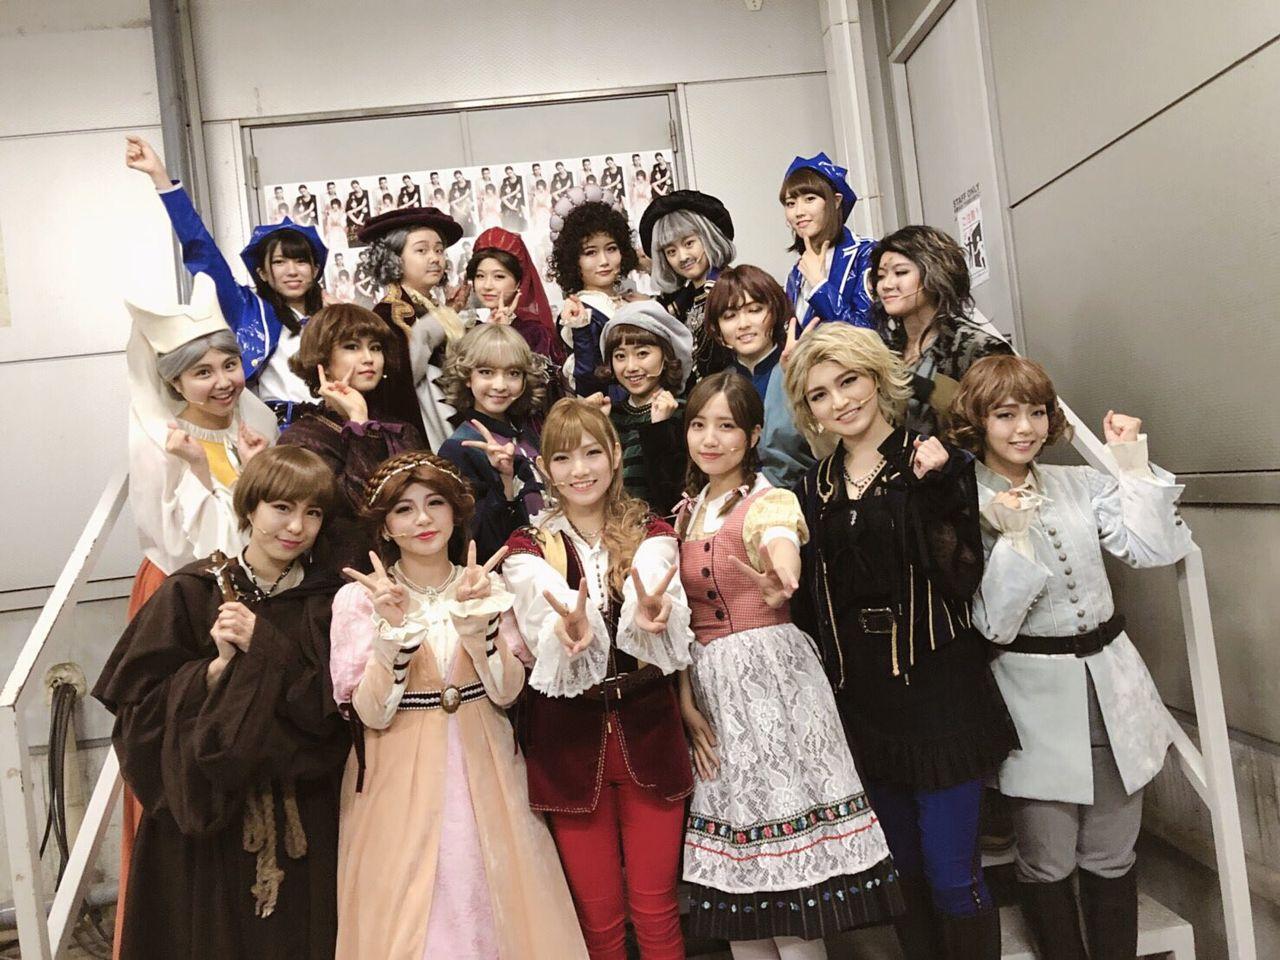 【AKB48】劇団れなっち『ロミオ&ジュリエット』初日公演の様子・感想などまとめ